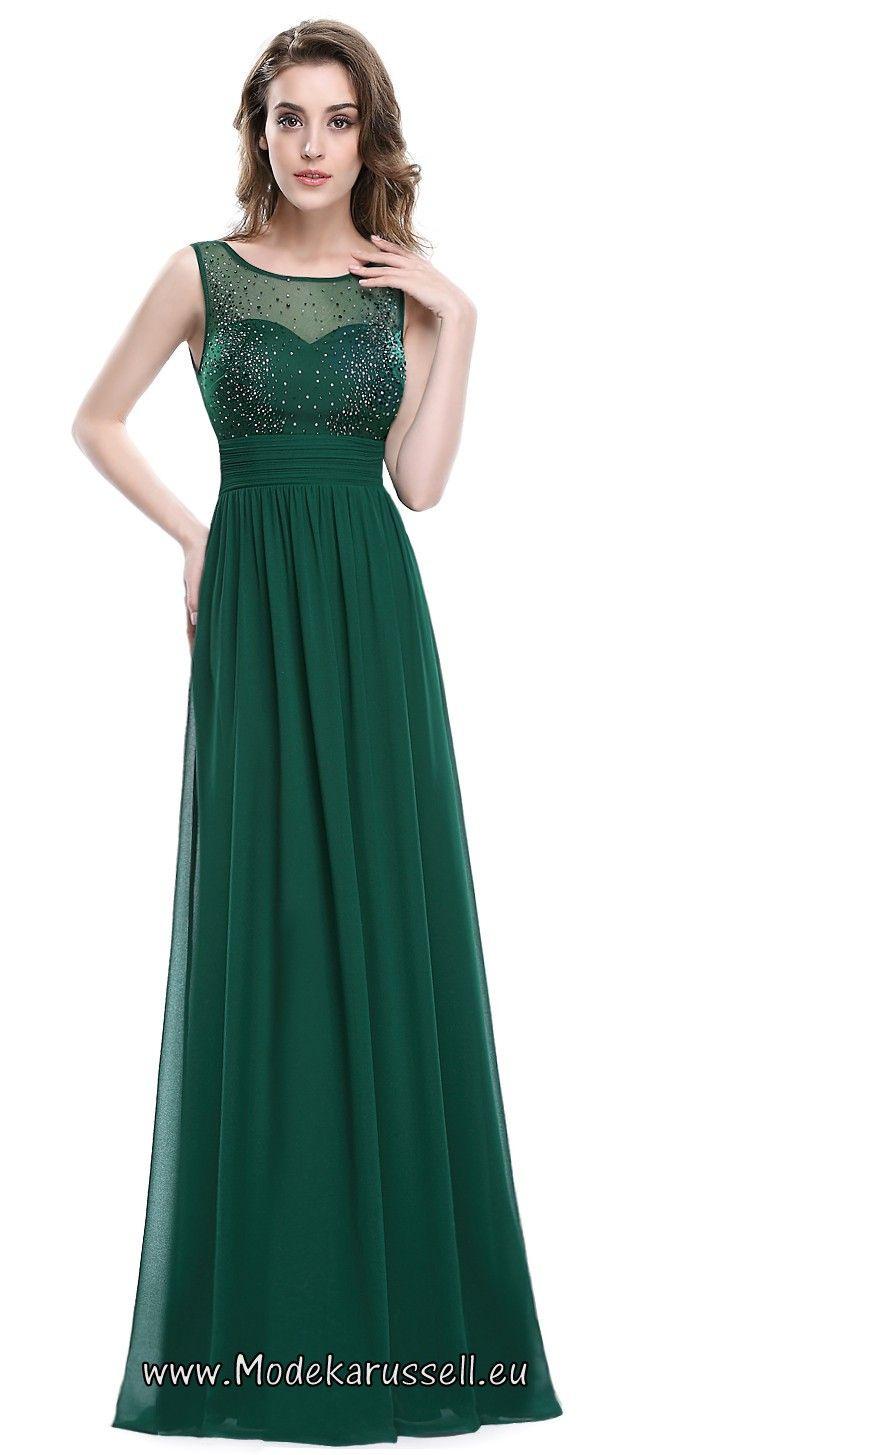 17 Genial Grünes Abend Kleid VertriebAbend Luxus Grünes Abend Kleid Stylish